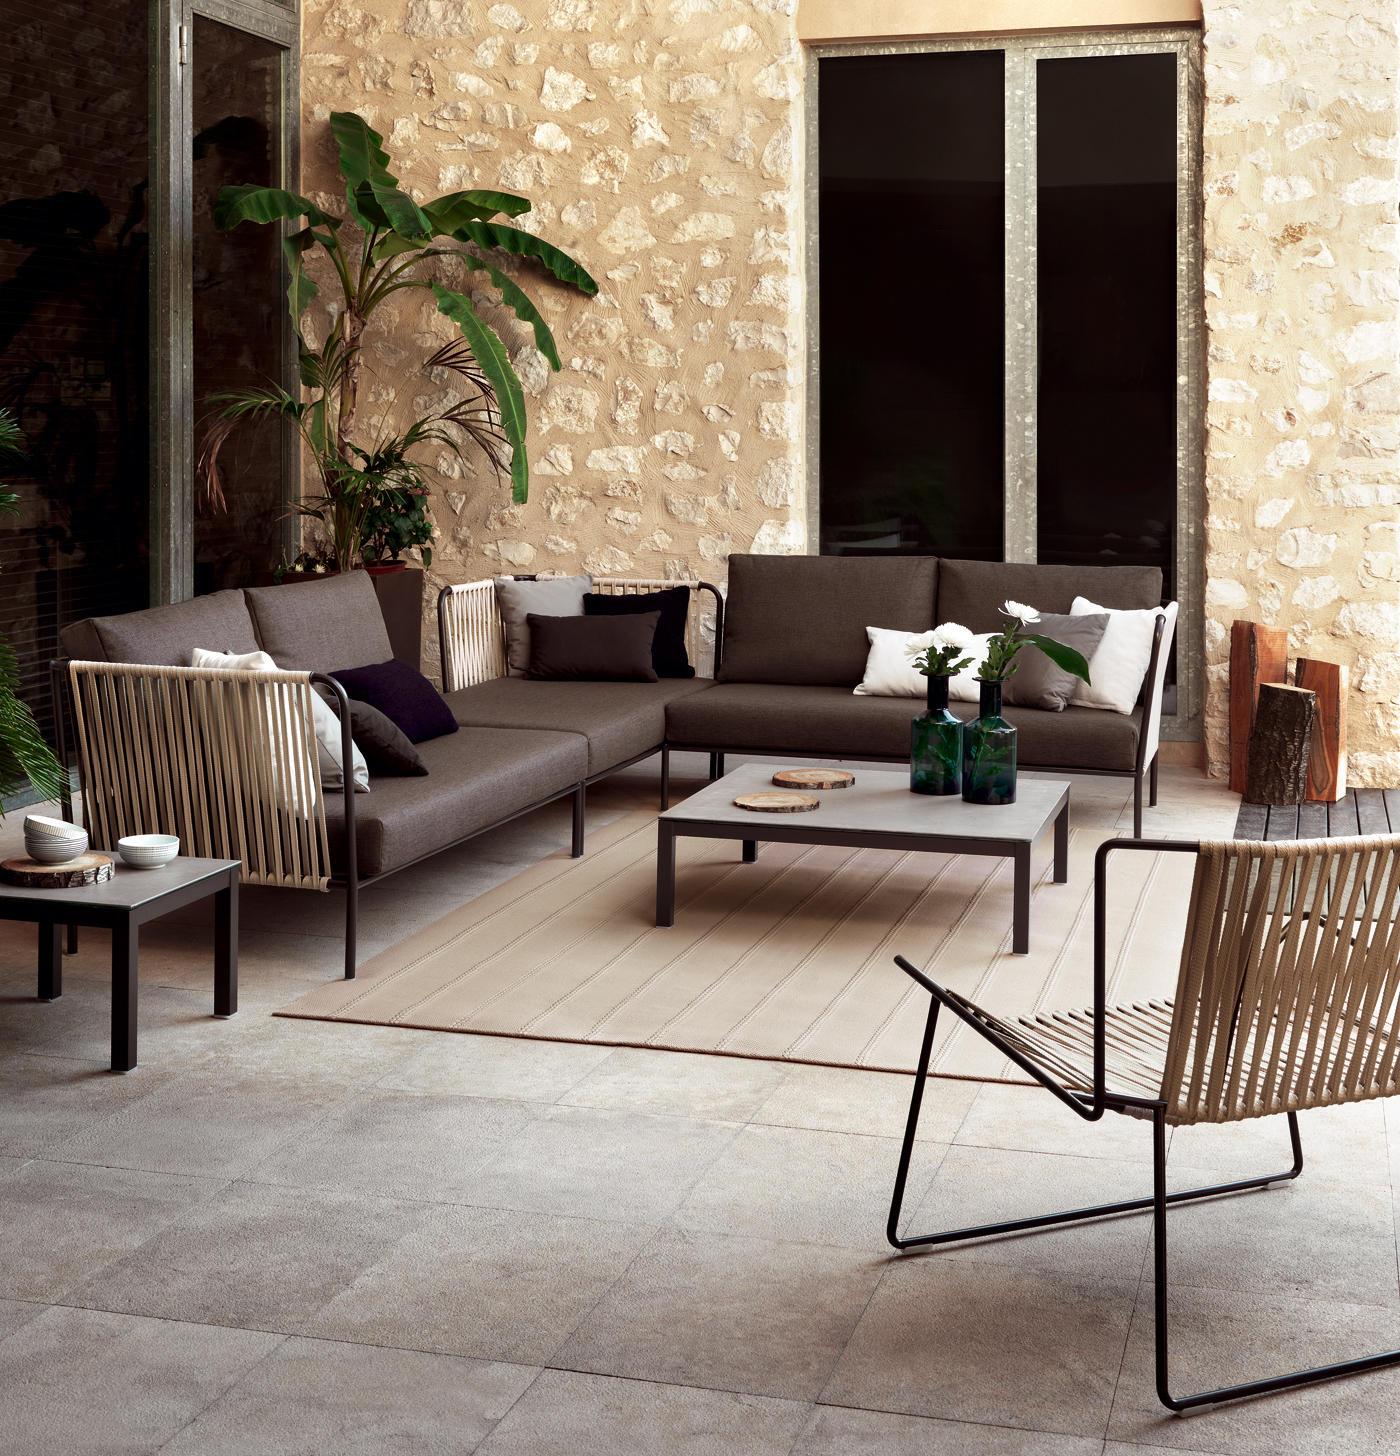 Nido Xl Hand Woven Sofa Garden Sofas From Expormim